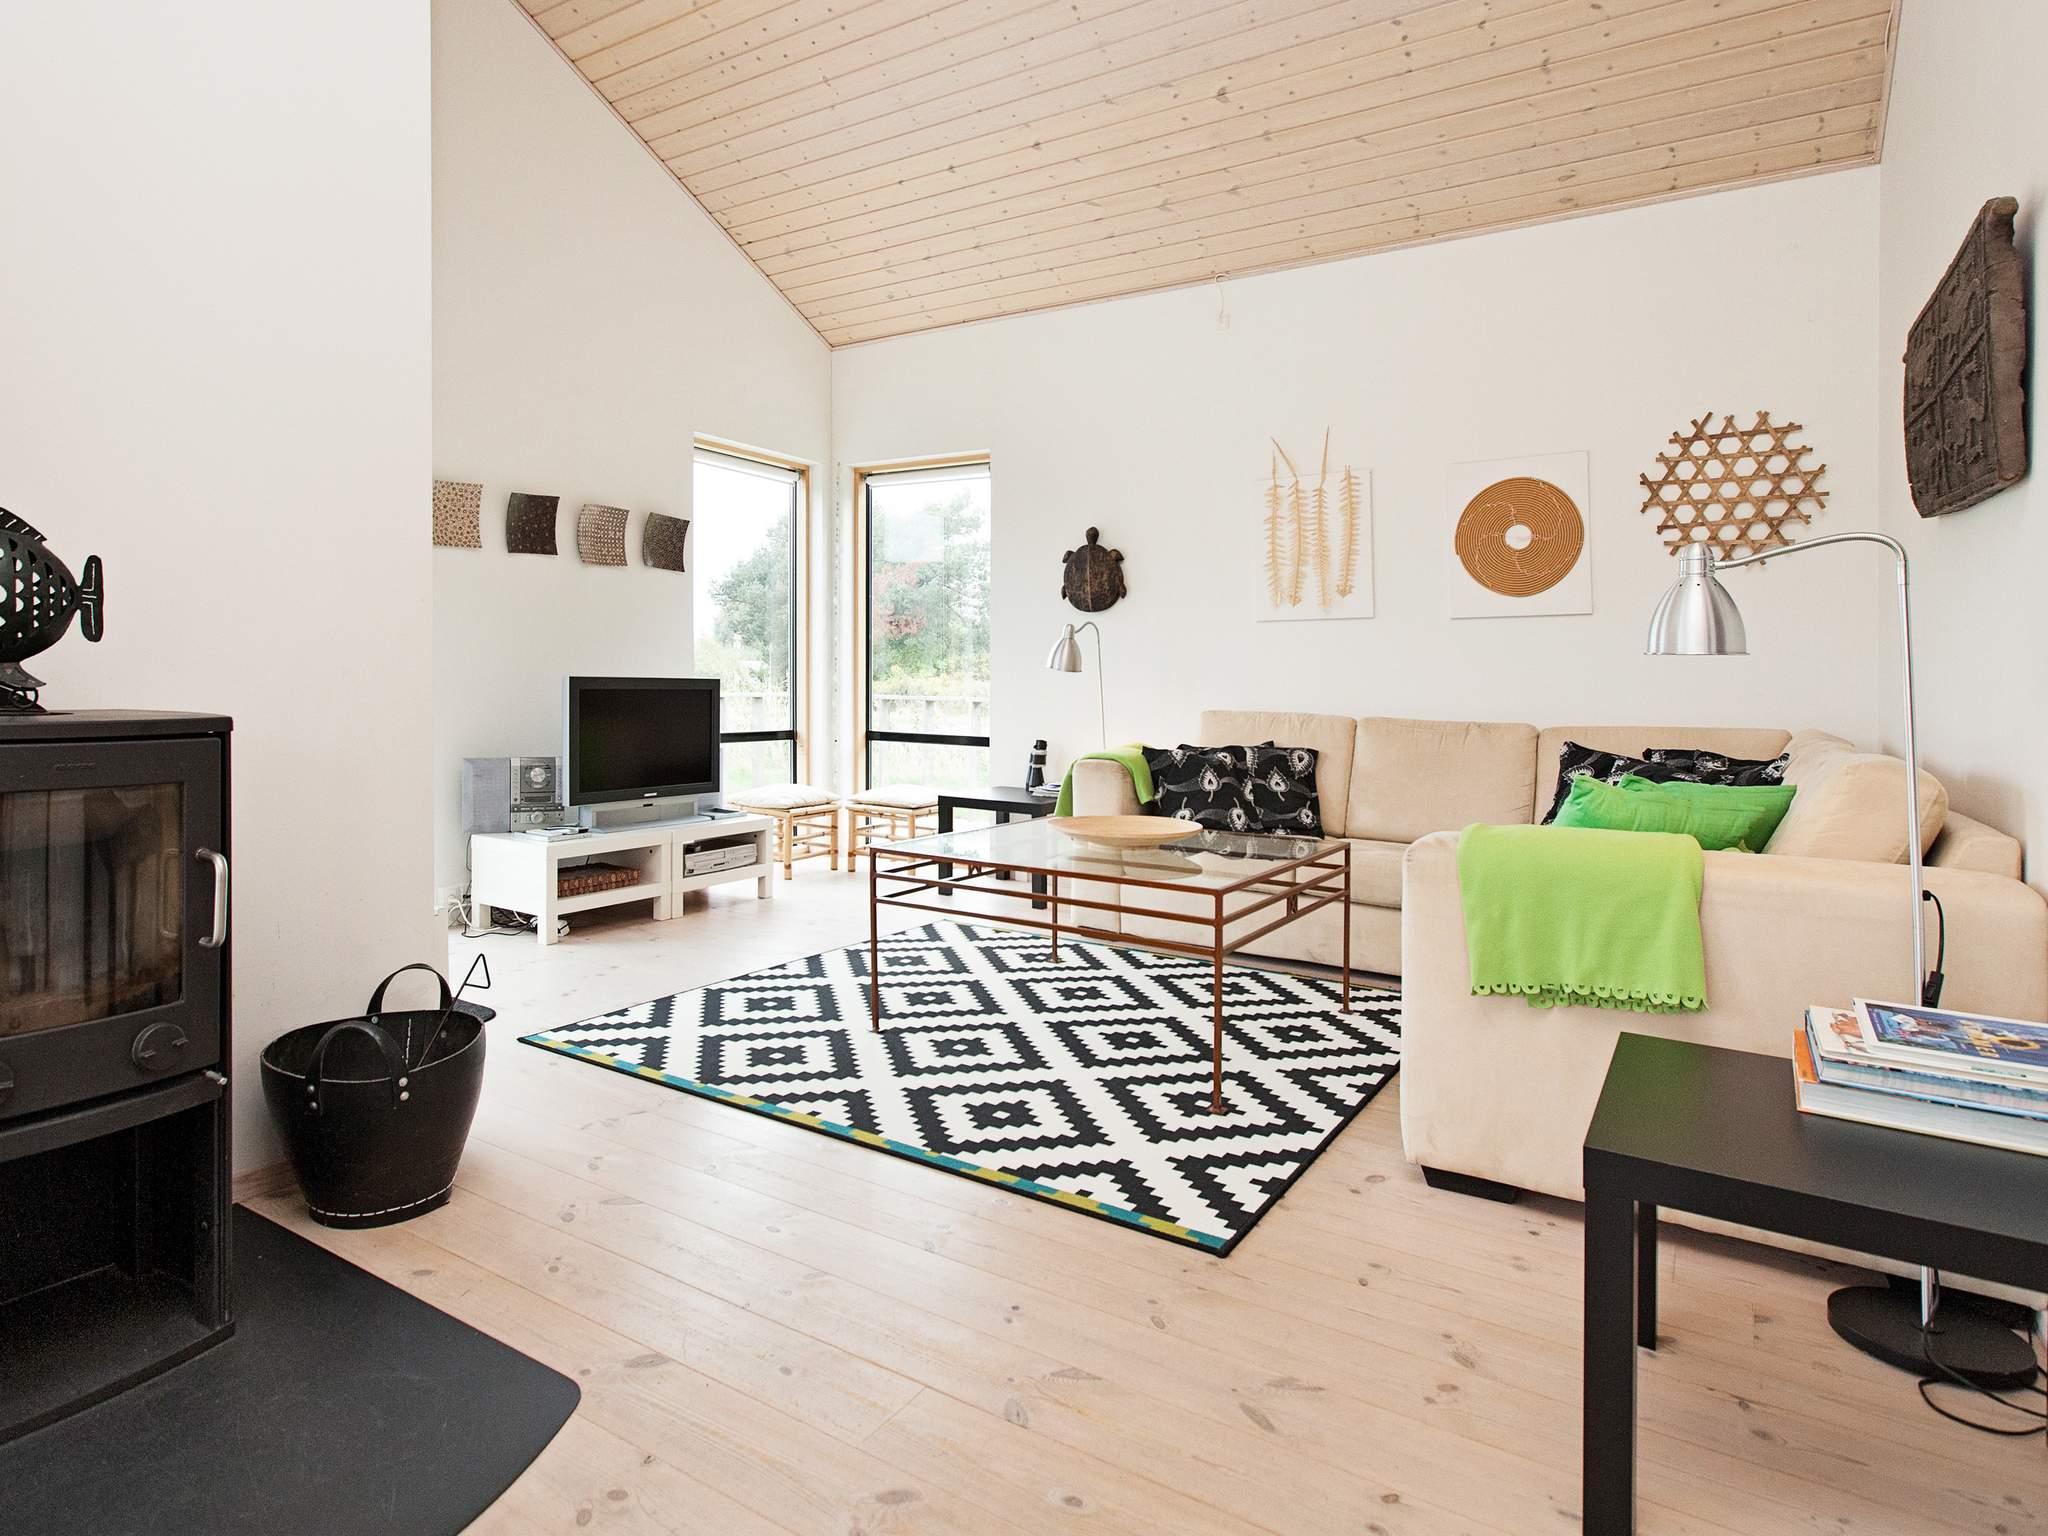 Ferienhaus Ulvshale (216908), Stege, , Møn, Dänemark, Bild 4